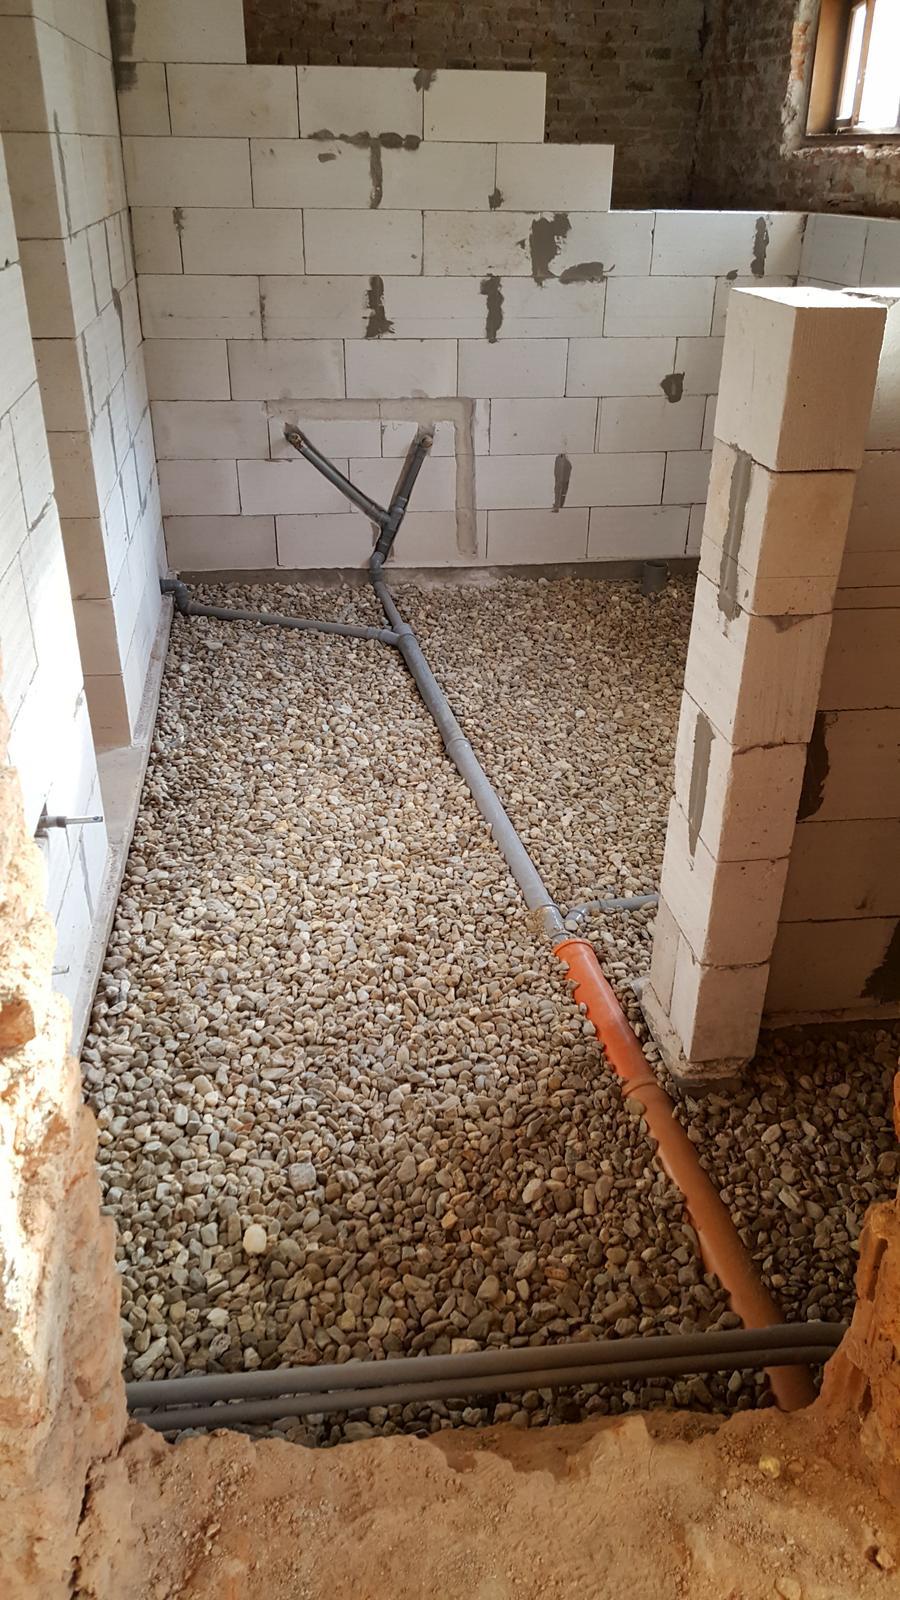 Prerabka domu v historickom centre - zasyp na podkladovy beton spraveny zajtra zaciname